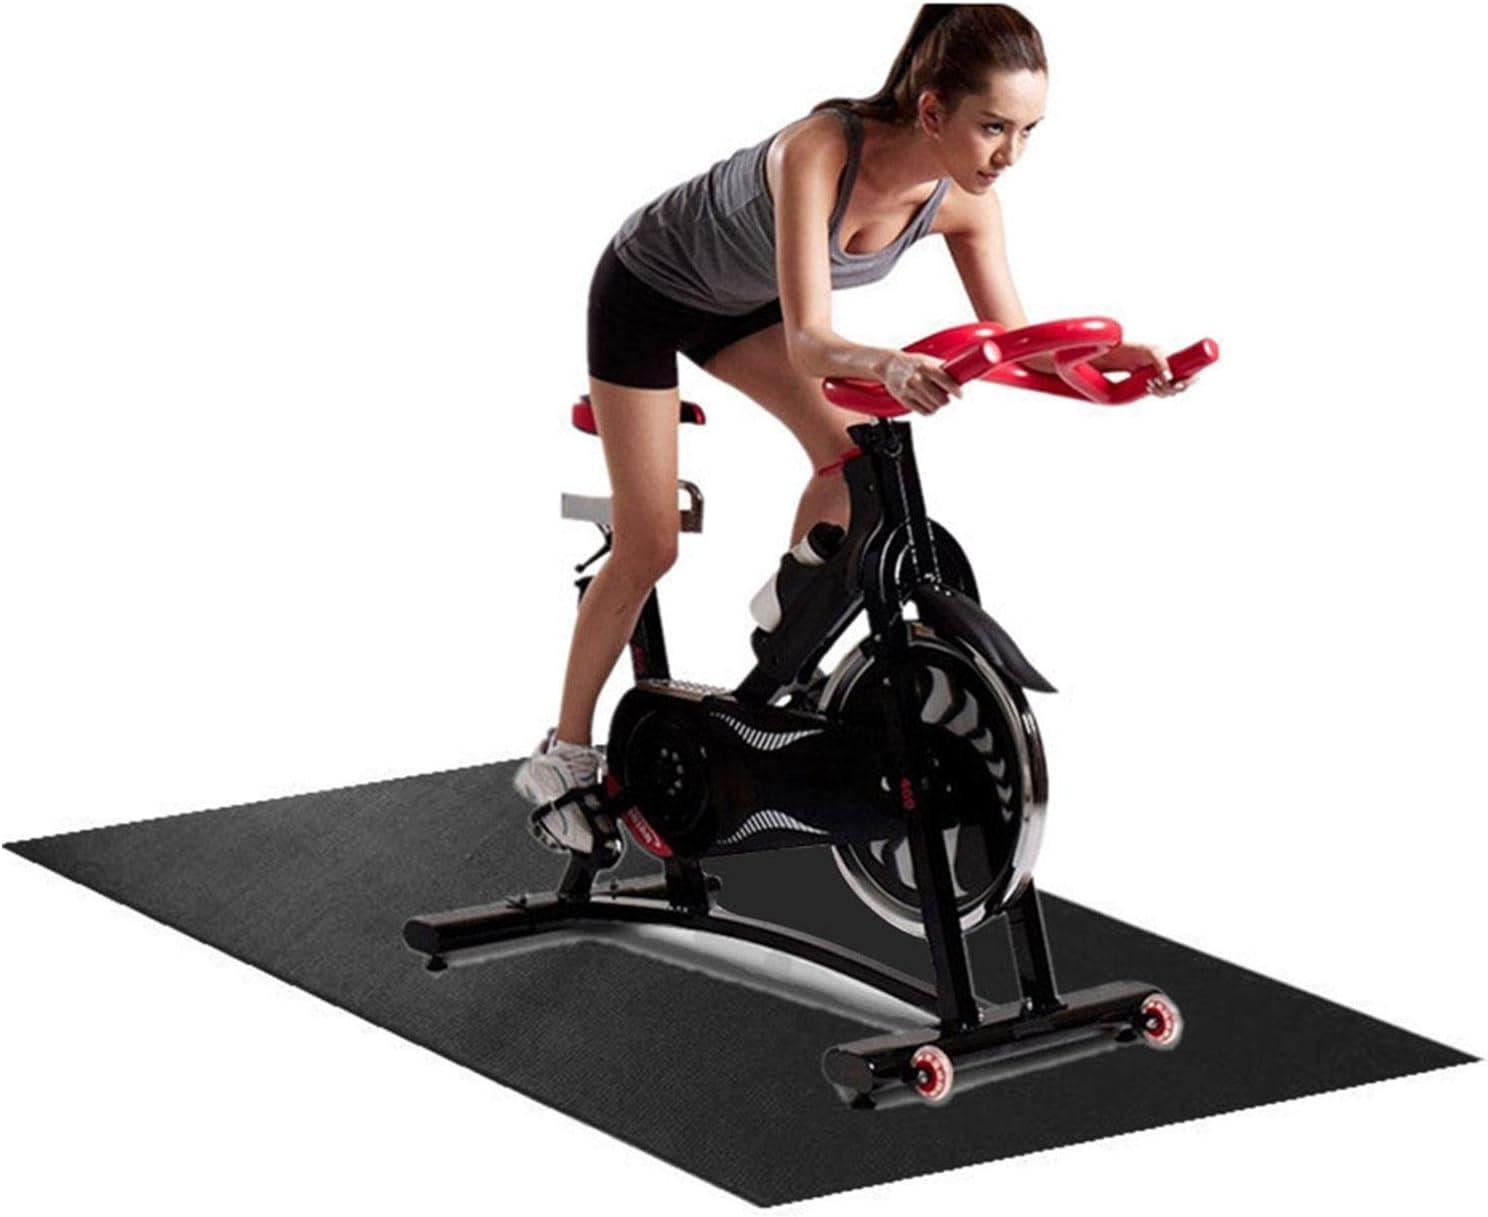 Tappetino per attrezzature sportive Tappetino per tapis roulant durevole per proteggere il pavimento Vogatori Crosstrainers Tappetino di Protezione del Pavimento per Cyclette Tapis Roulant